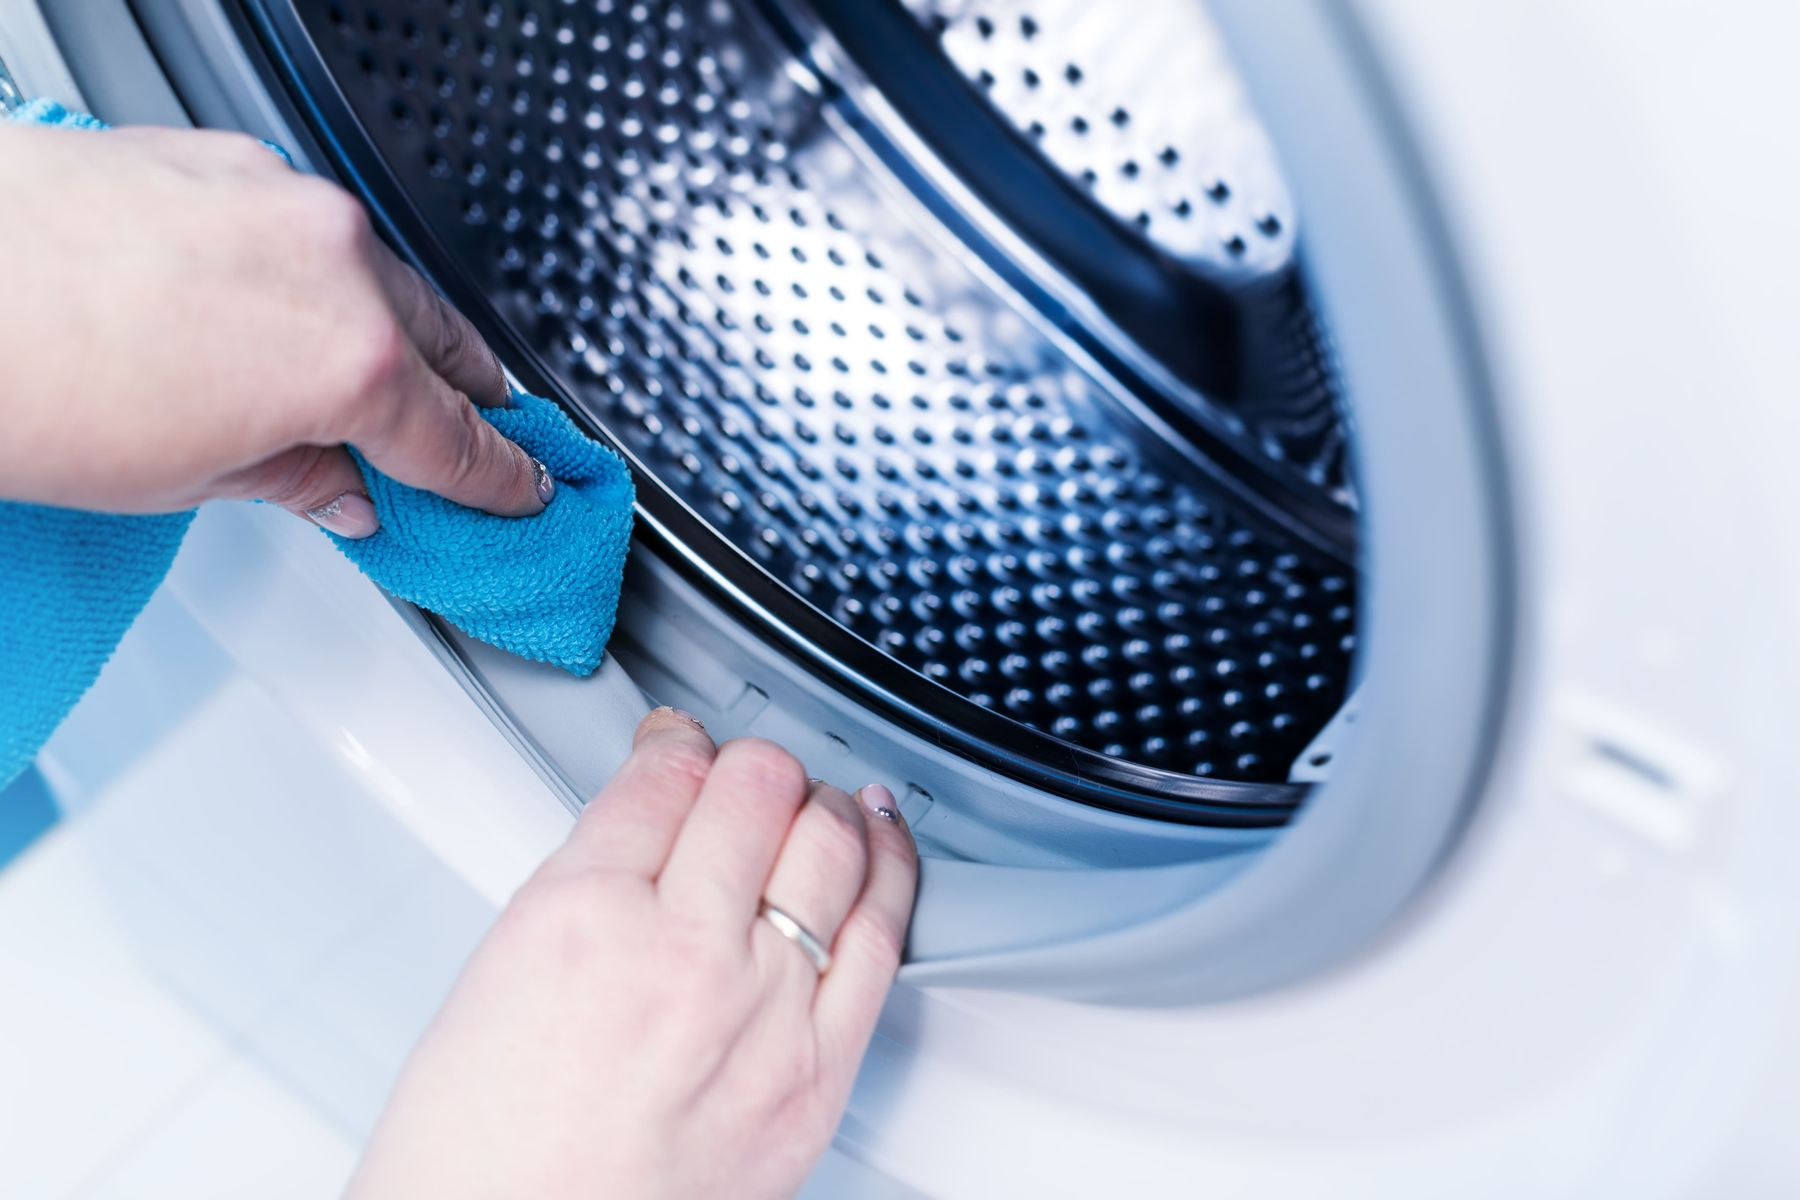 Pessoa limpando a parte interna da máquina de lavar de abertura frontal para tirar o mau cheiro